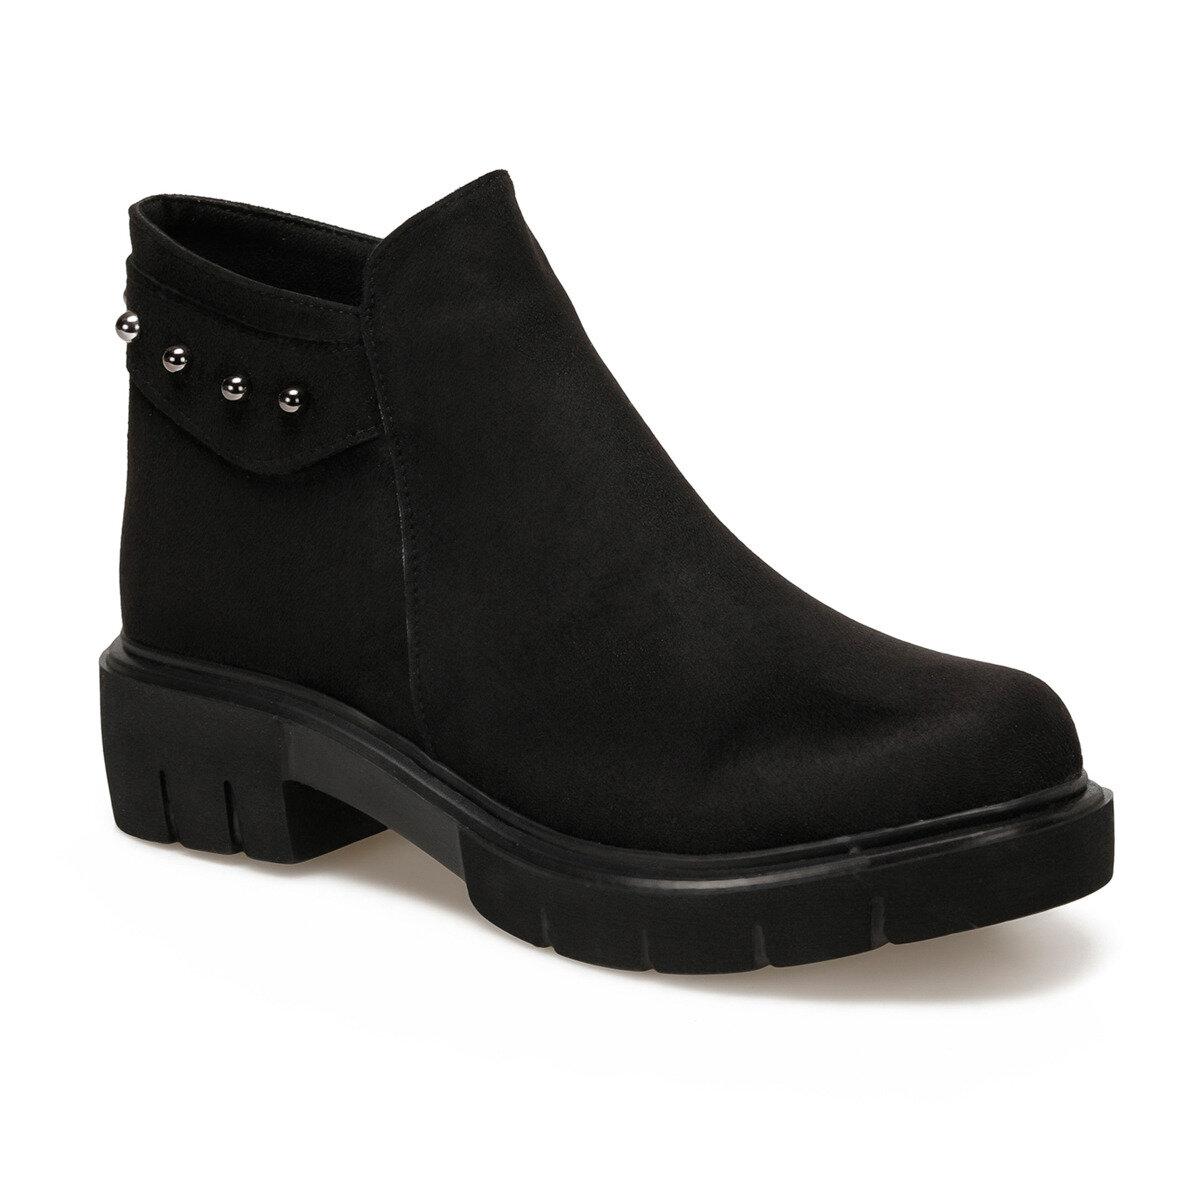 FLO 19SF-2022 Black Women Boots BUTIGO